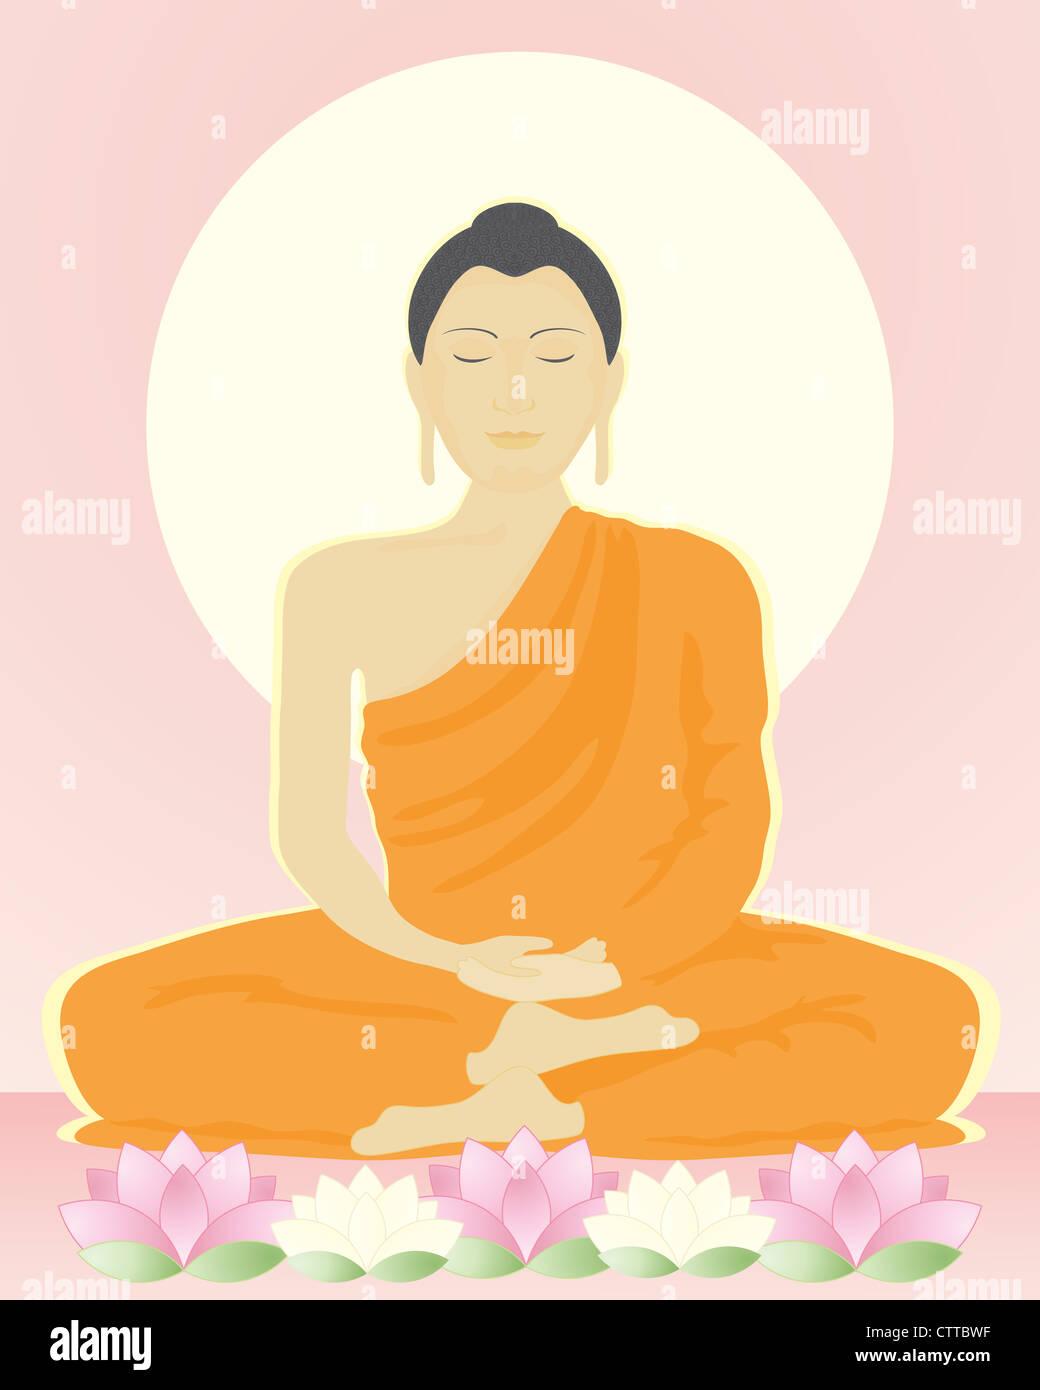 Una ilustración de una imagen de buda sentado en meditación con flores de loto bajo un sol amarillo brillante Imagen De Stock